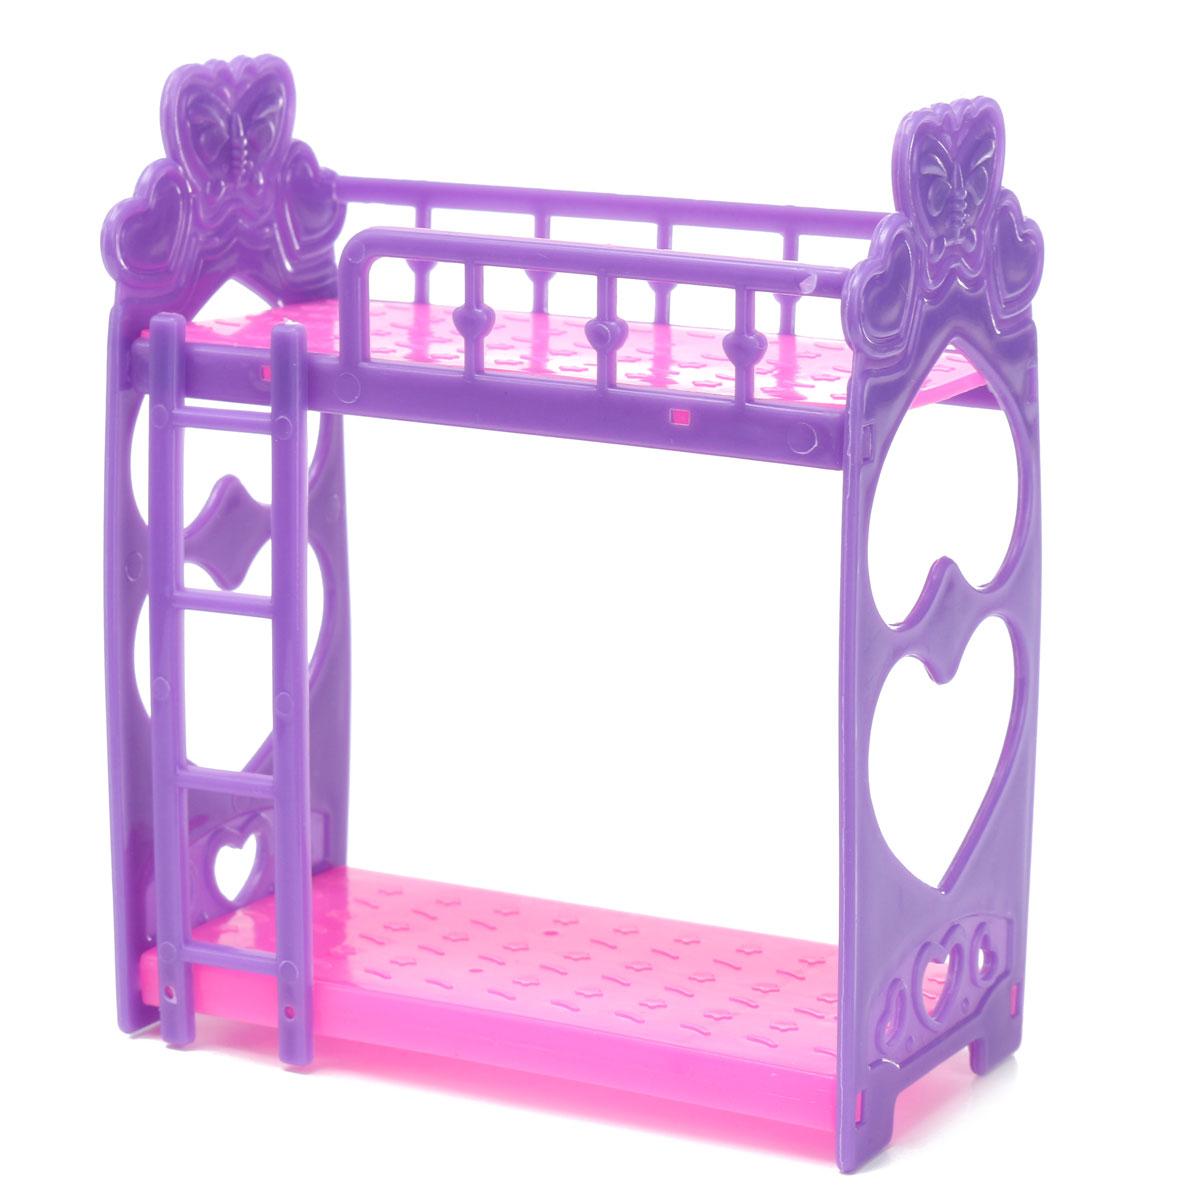 Миниатюрный двуспальная кровать игрушки для кукольного домика мебель украшения